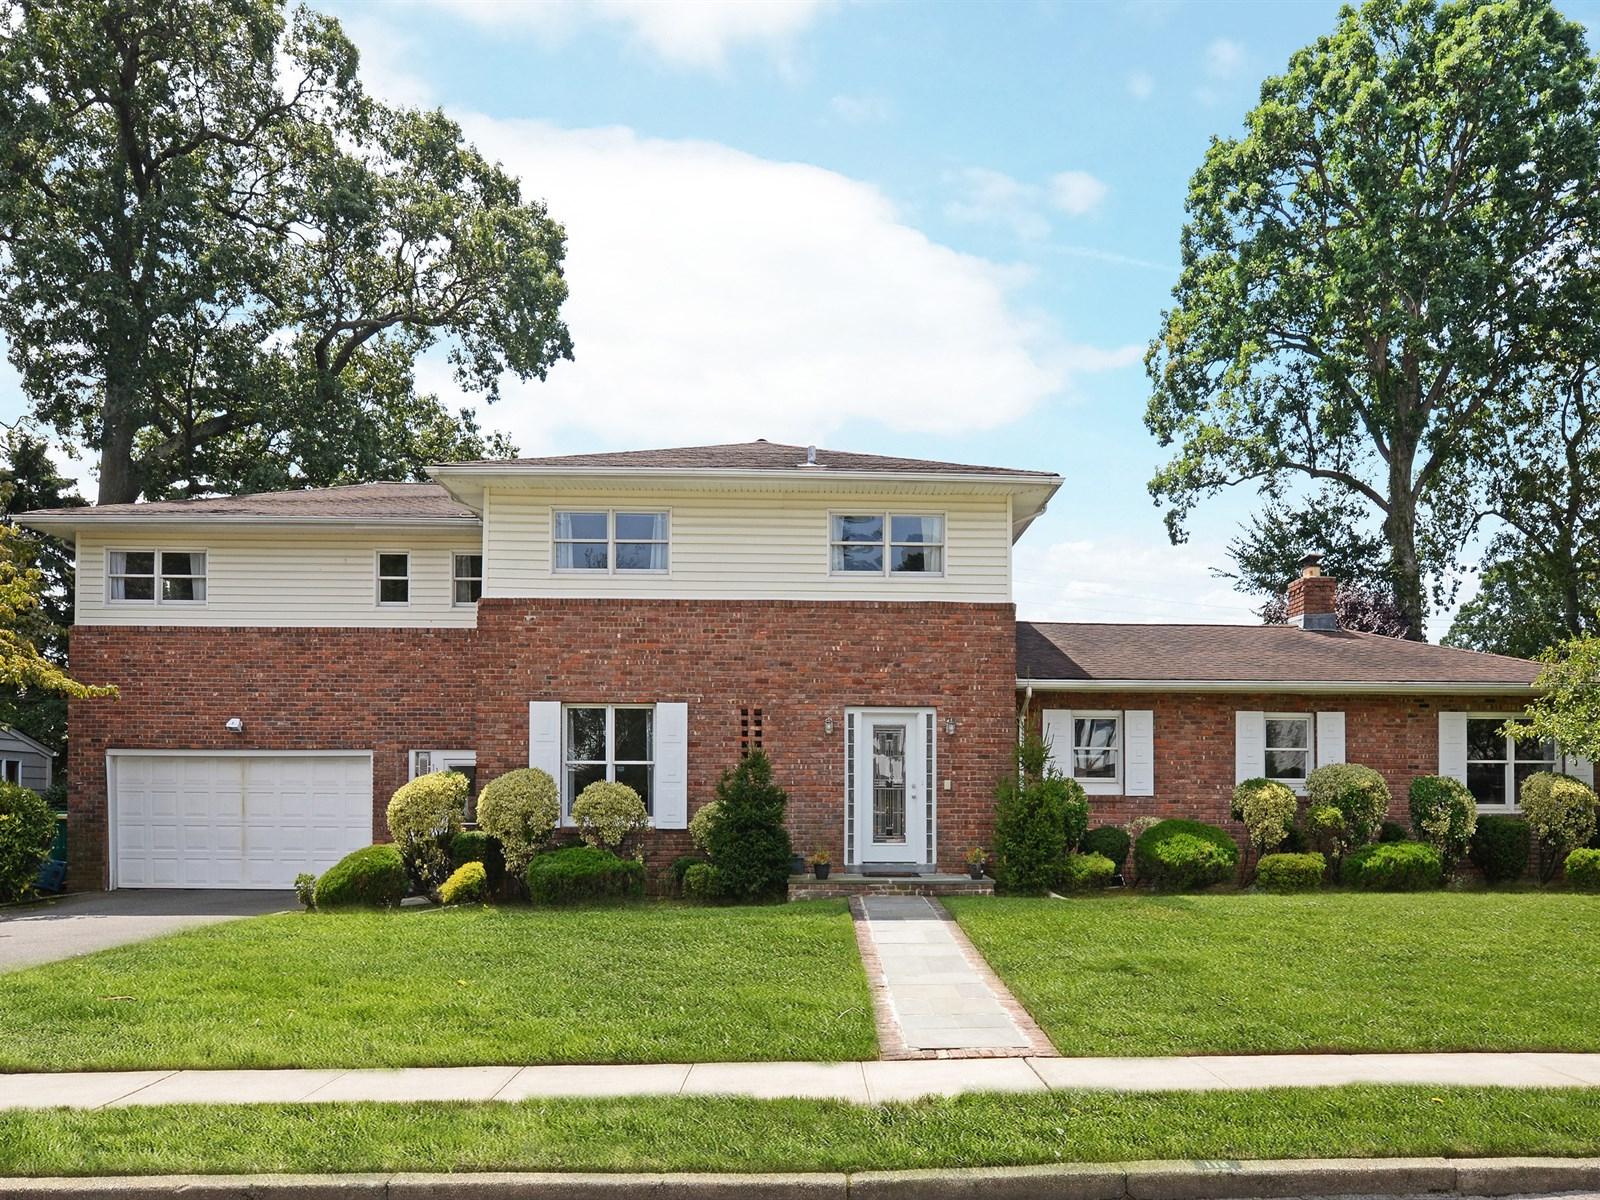 独户住宅 为 销售 在 Colonial 118 Andover Rd 罗克韦尔市, 纽约州 11570 美国